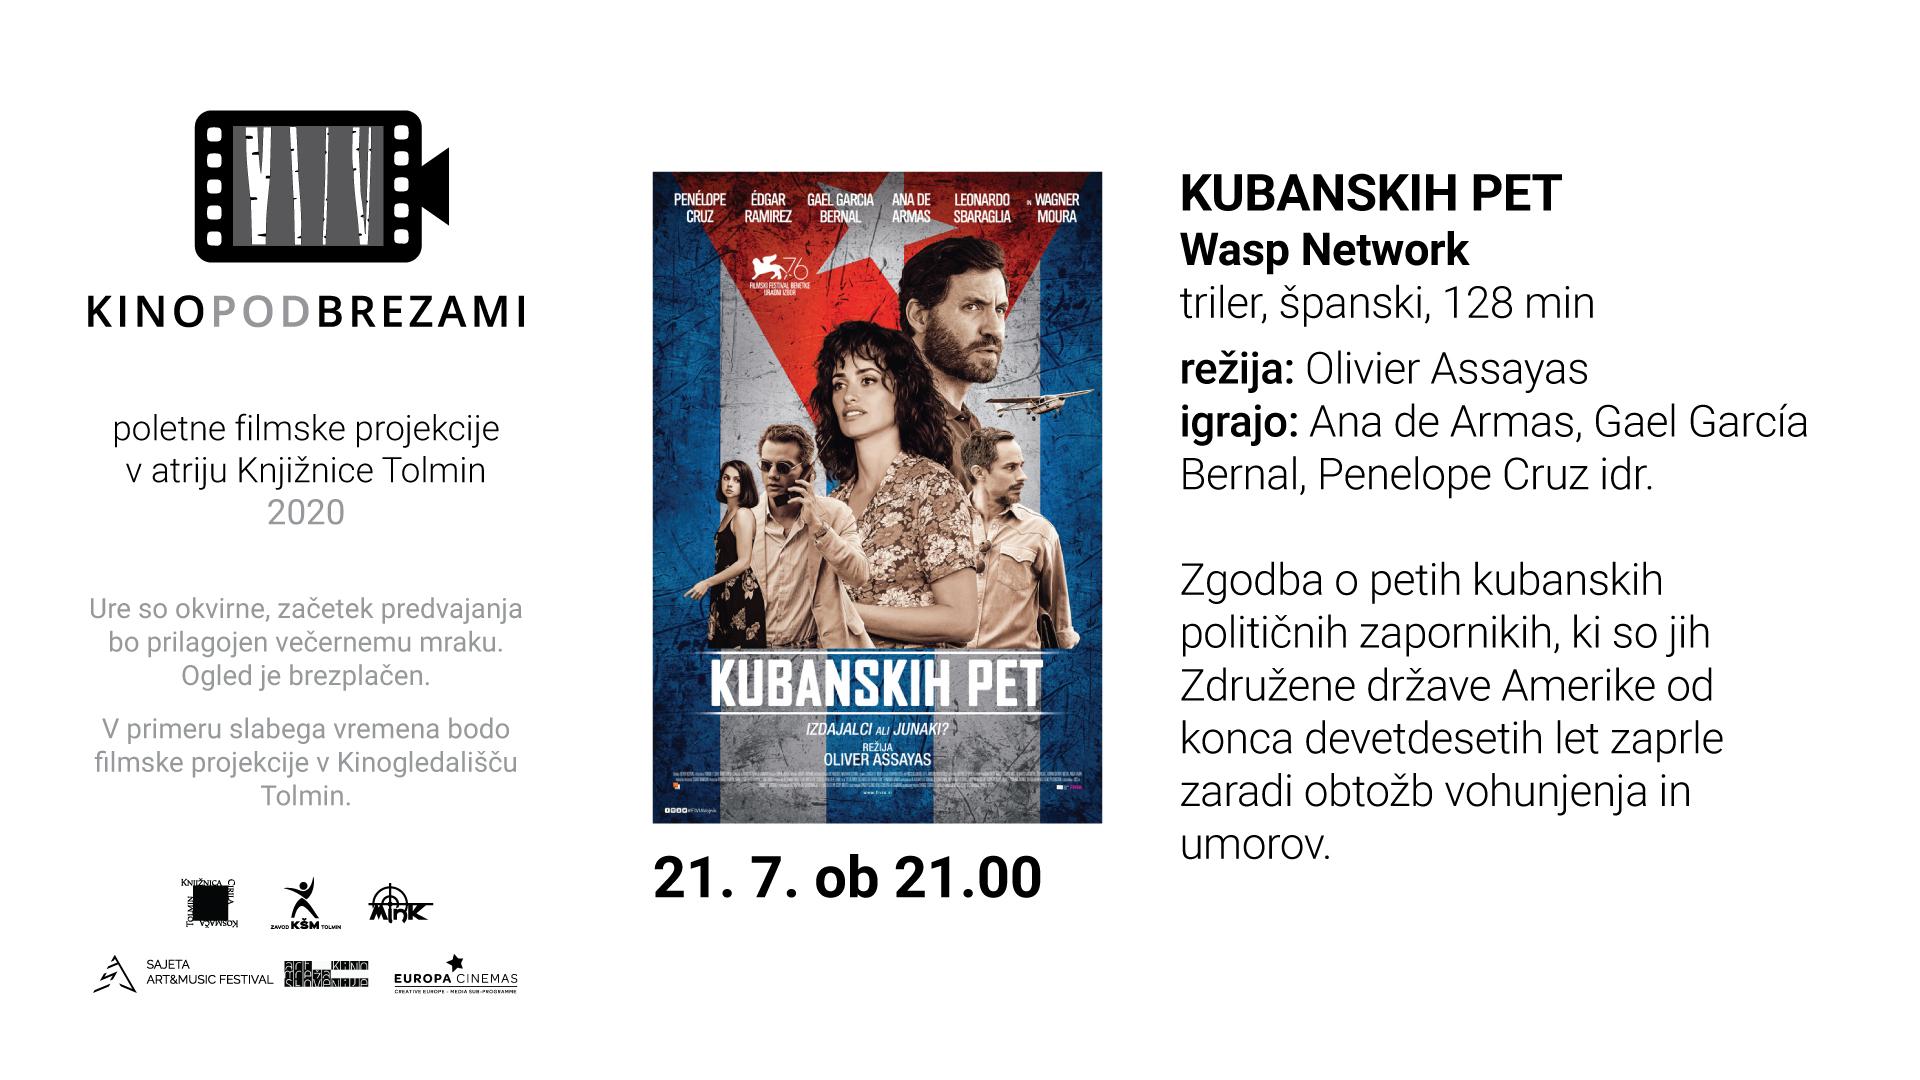 Kino pod brezami: KUBANSKIH 5 (triler)